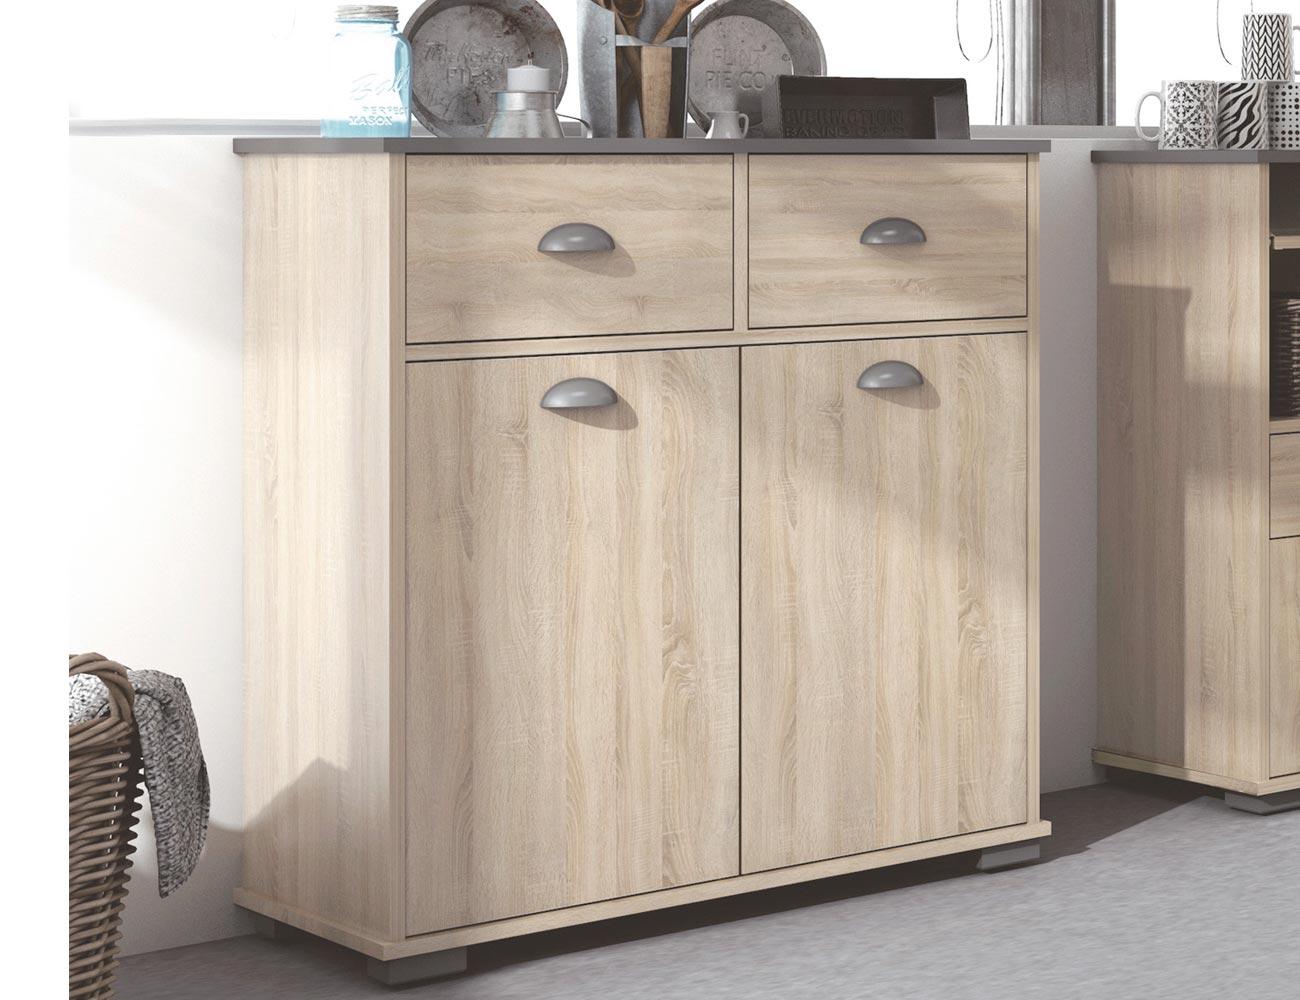 Mueble buffet de cocina de 90 cm de alto 21464 factory for Muebles de cocina de 70 o 90